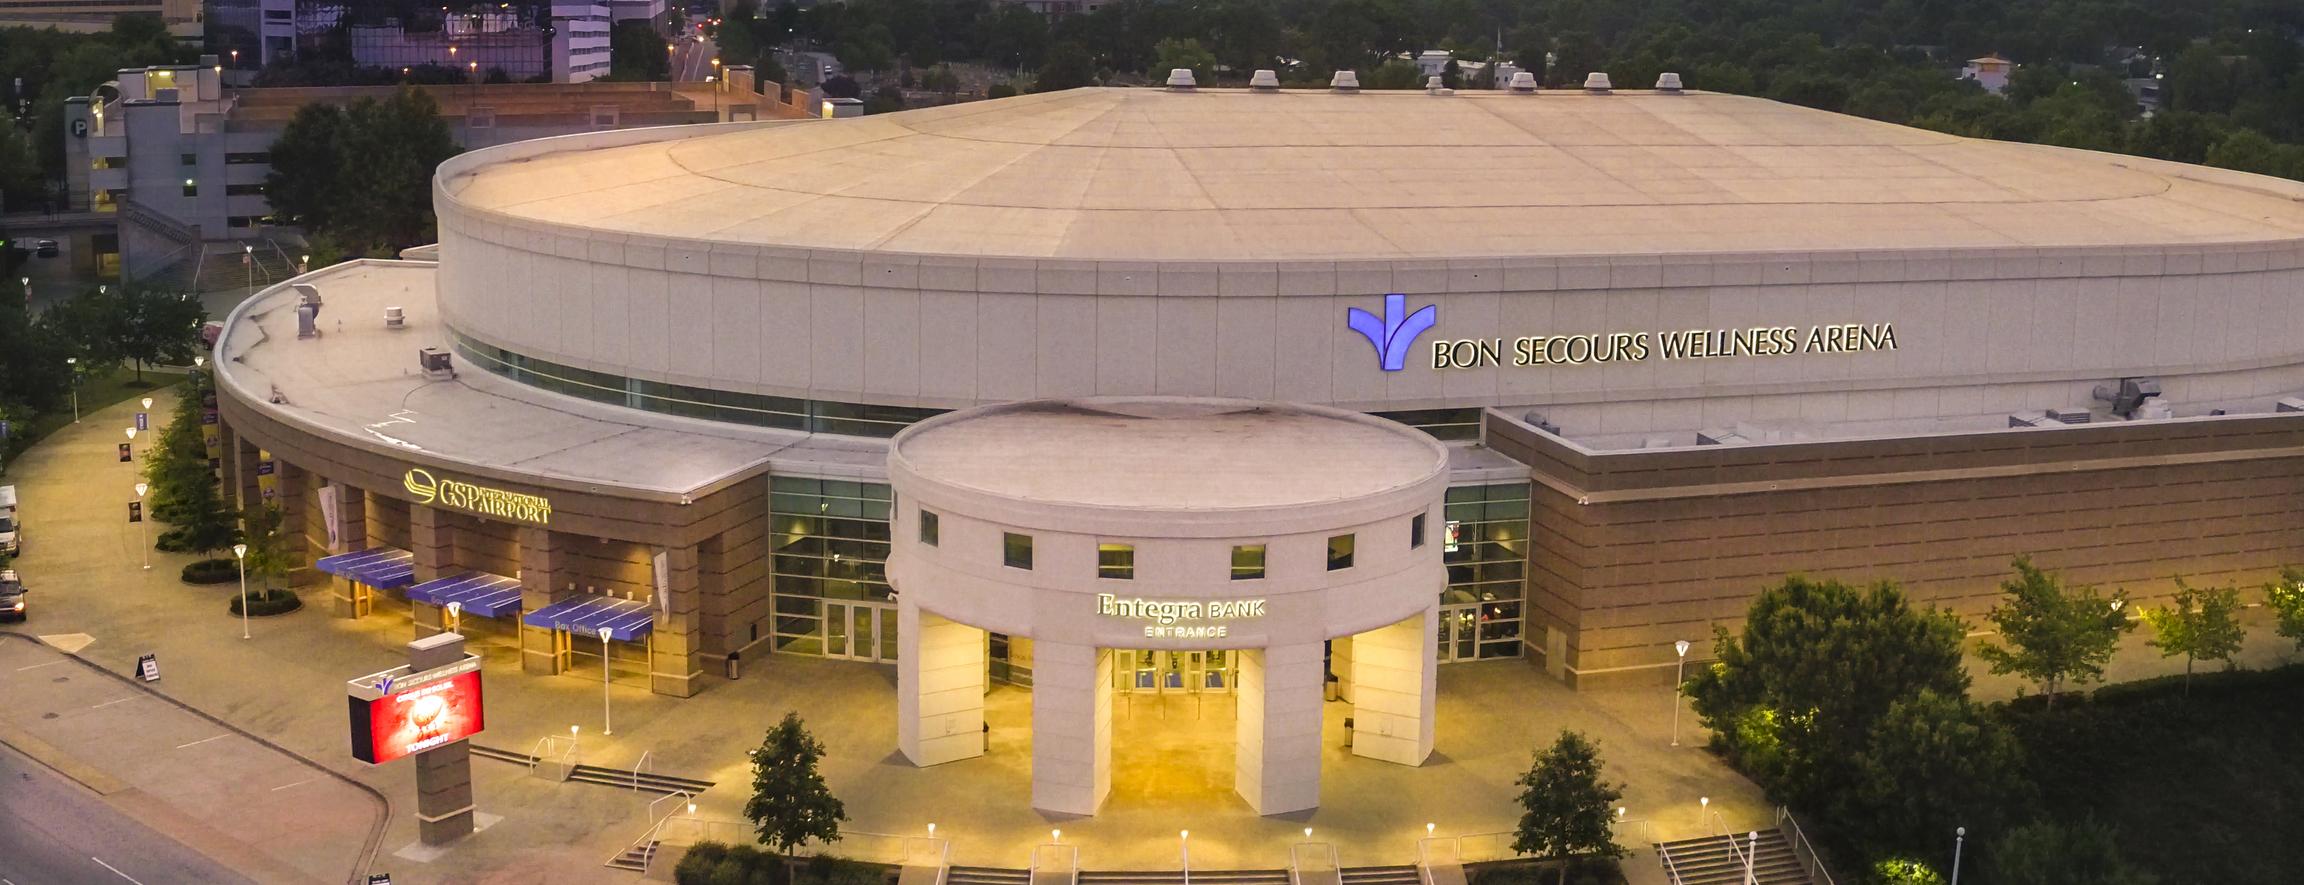 Bon Secours Wellness Arena Exterior 1600x615 52dc5649 727e 44f8 9afc 63f43d8738cf